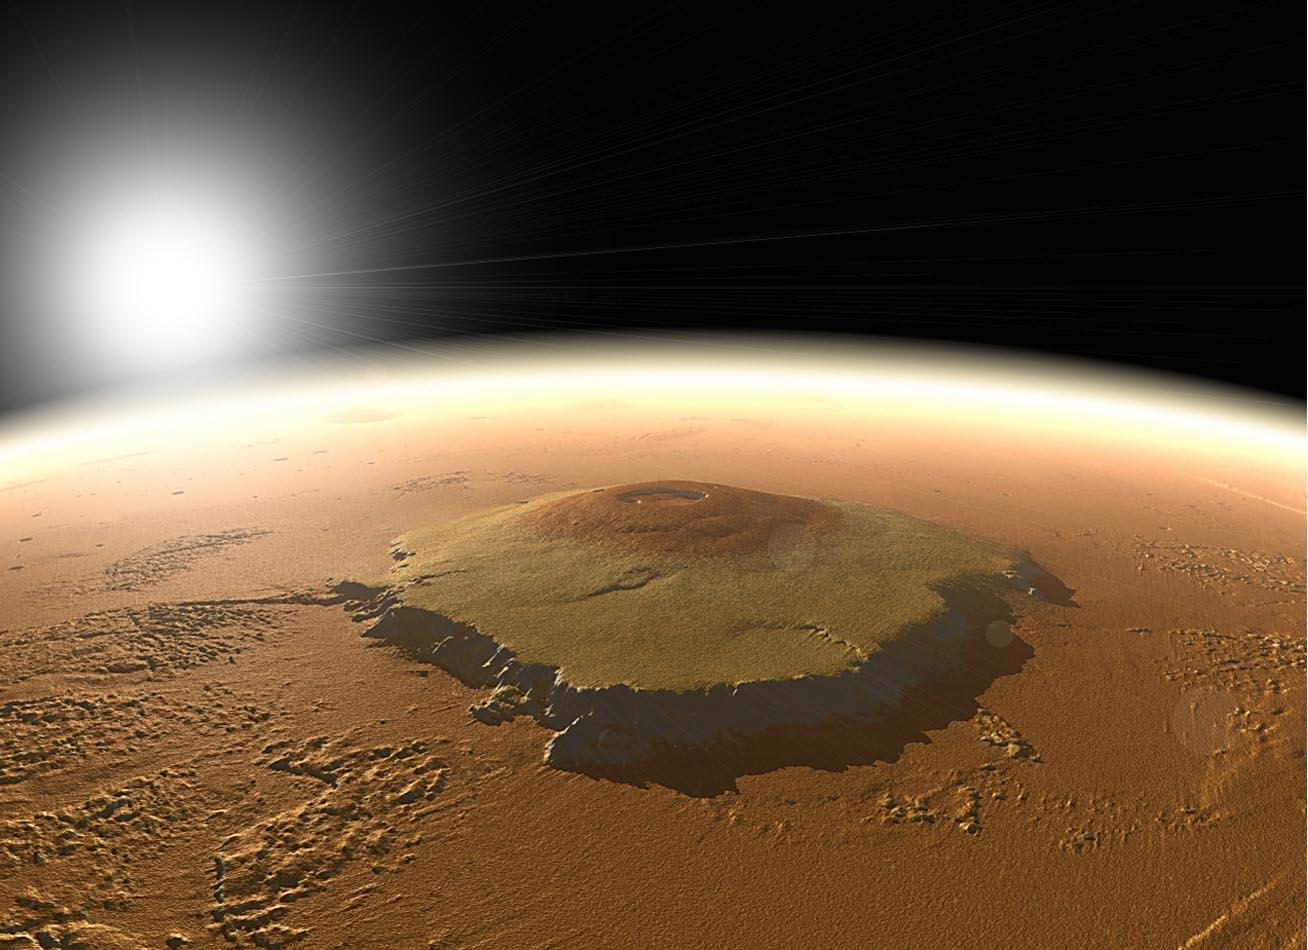 Марс. Олимп - самая высокая гора в солнечной системе